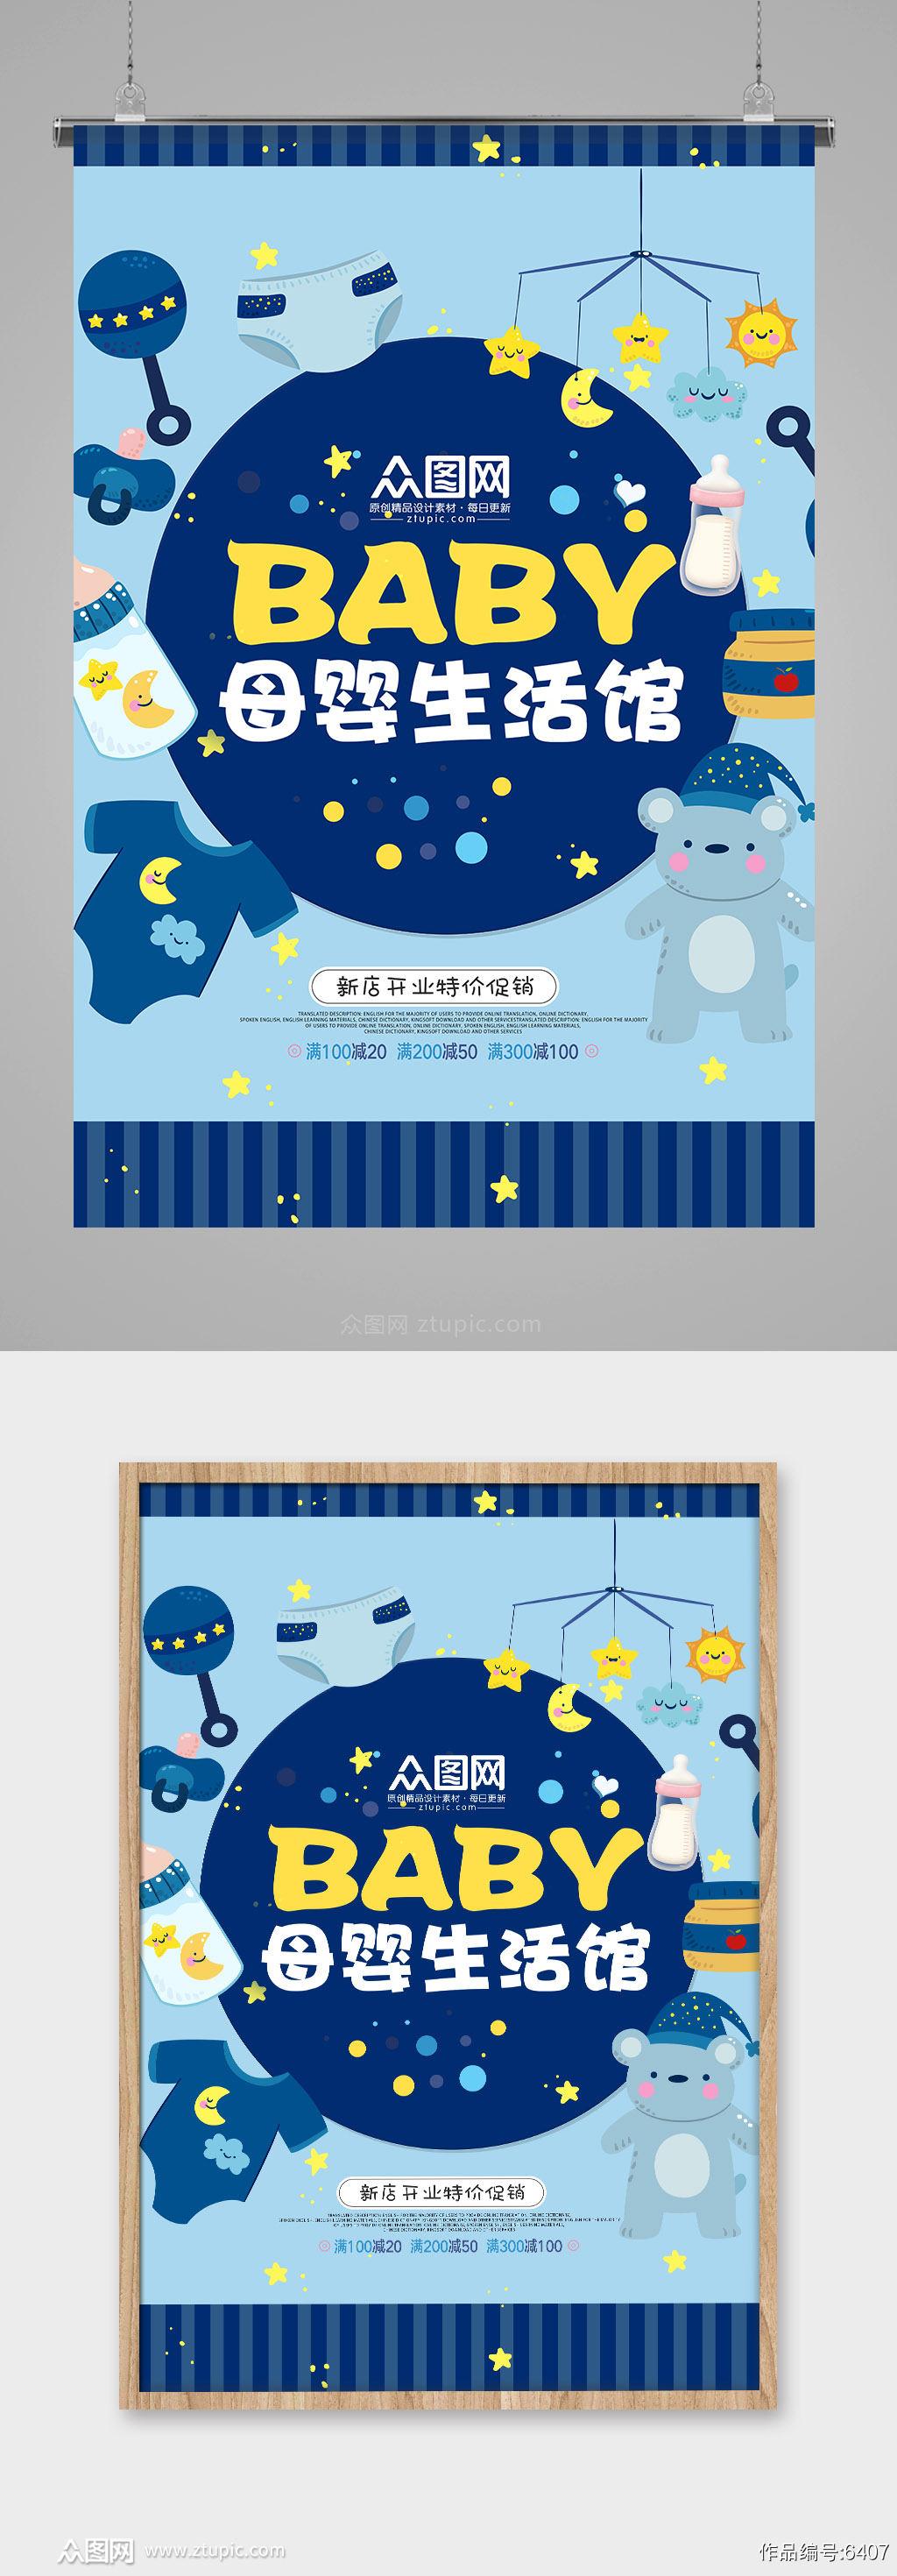 可爱卡通母婴店母婴用品开业海报素材